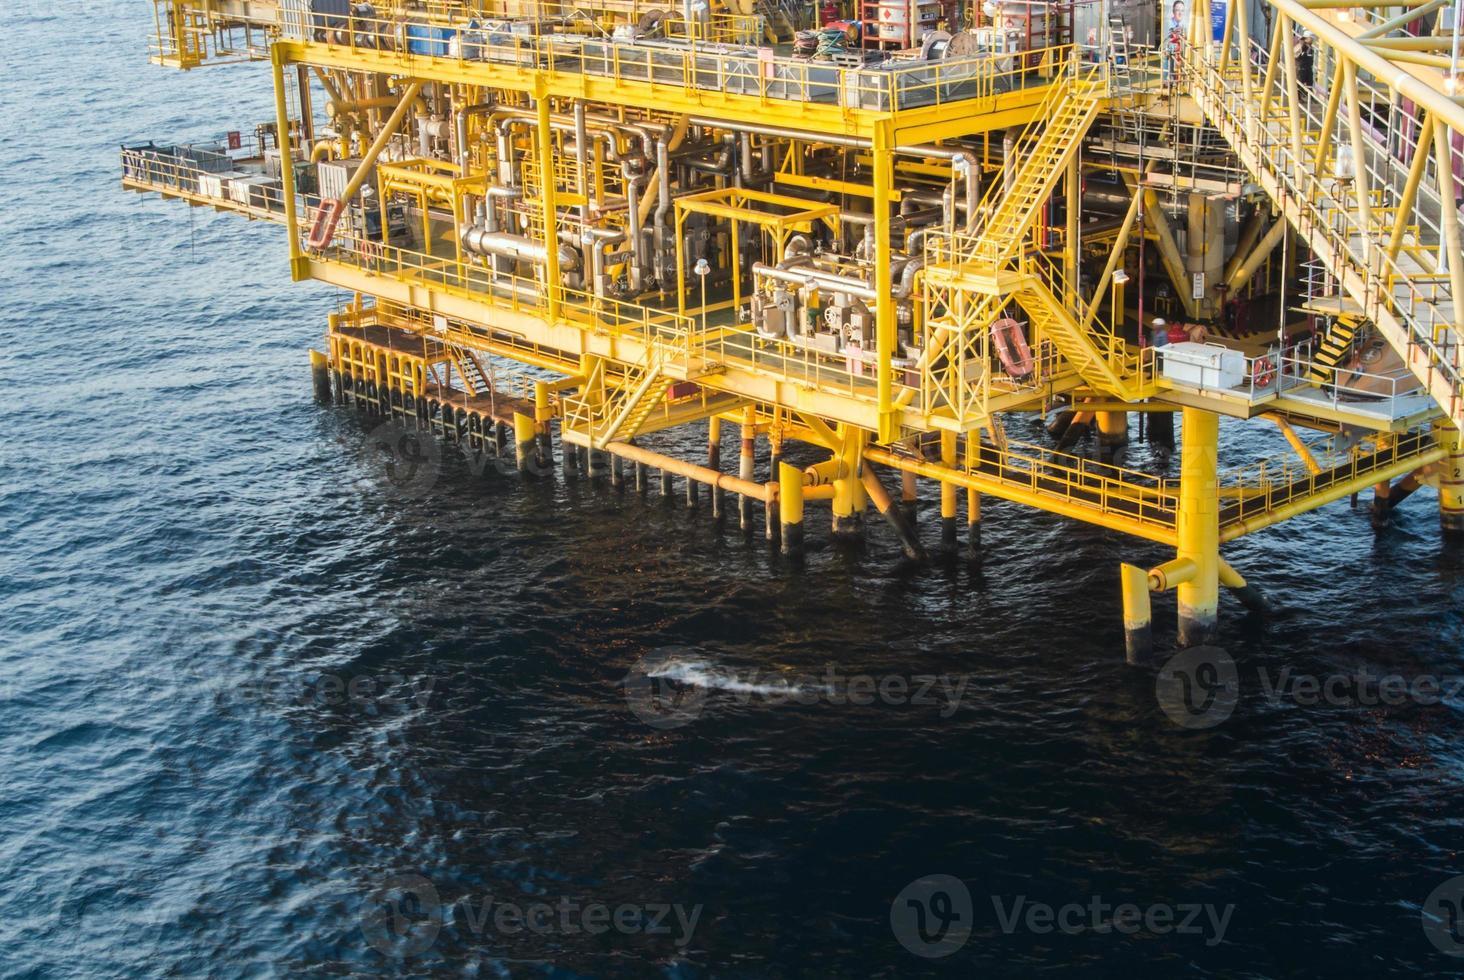 plate-forme pétrolière photo